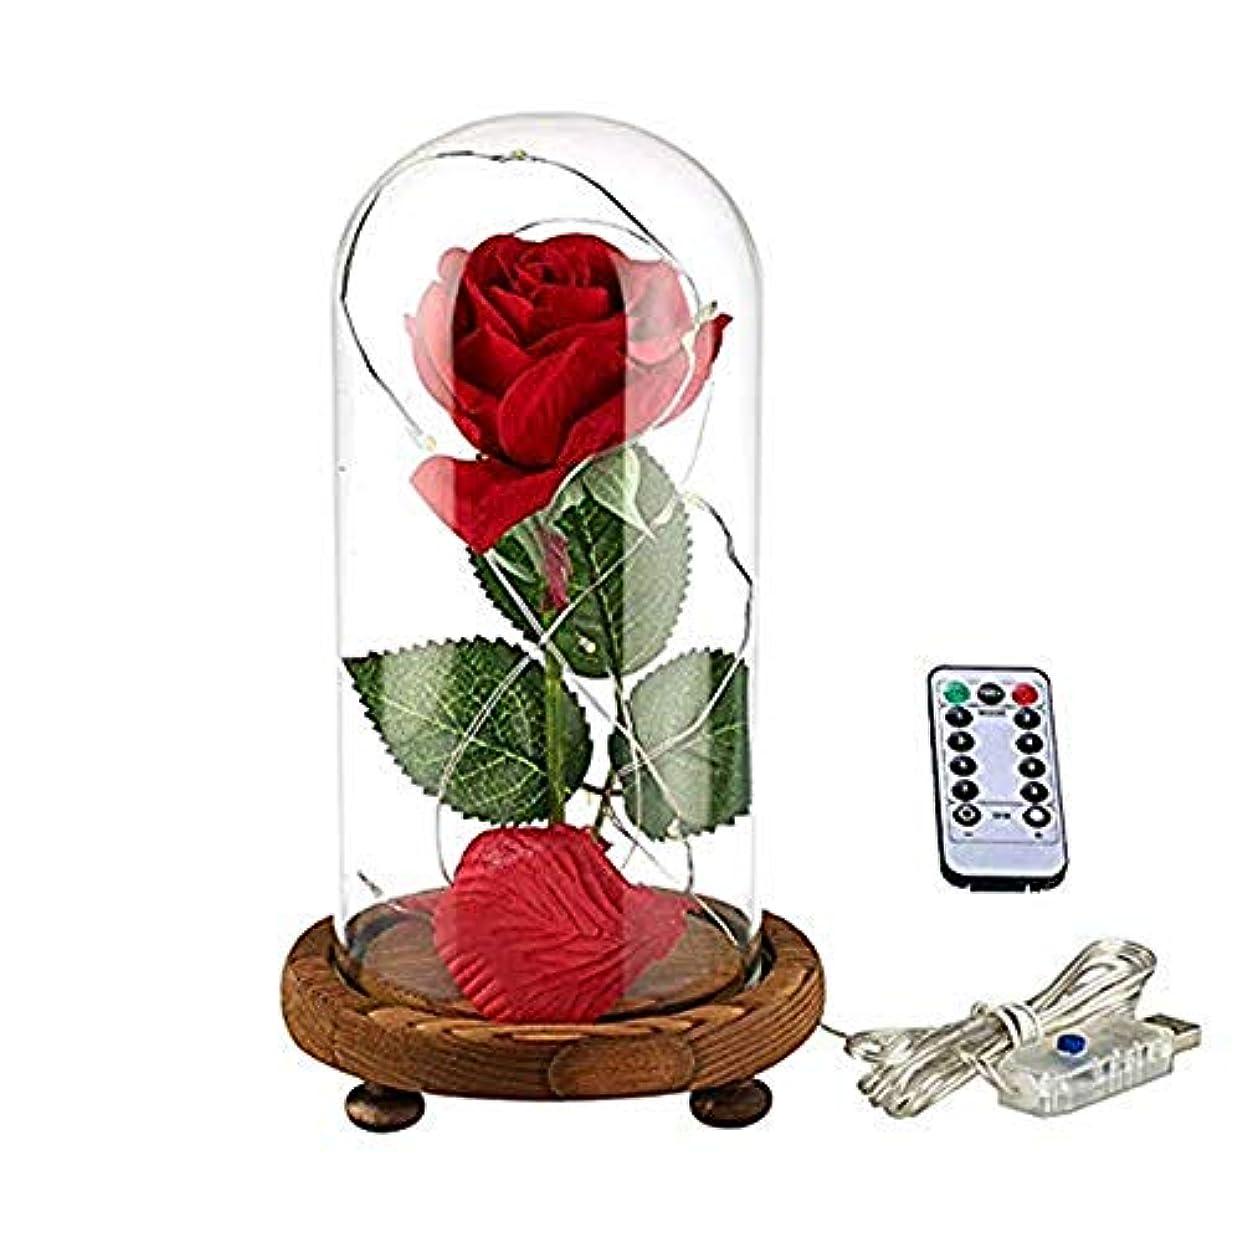 太陽単に甘やかすYSYDE 美と獣のバラのキット魅惑のバラの赤い絹のバラは、バレンタインの贈り物の結婚記念日の誕生日の贈り物のためのドームで最高の贈り物を導きました母の日ギフト